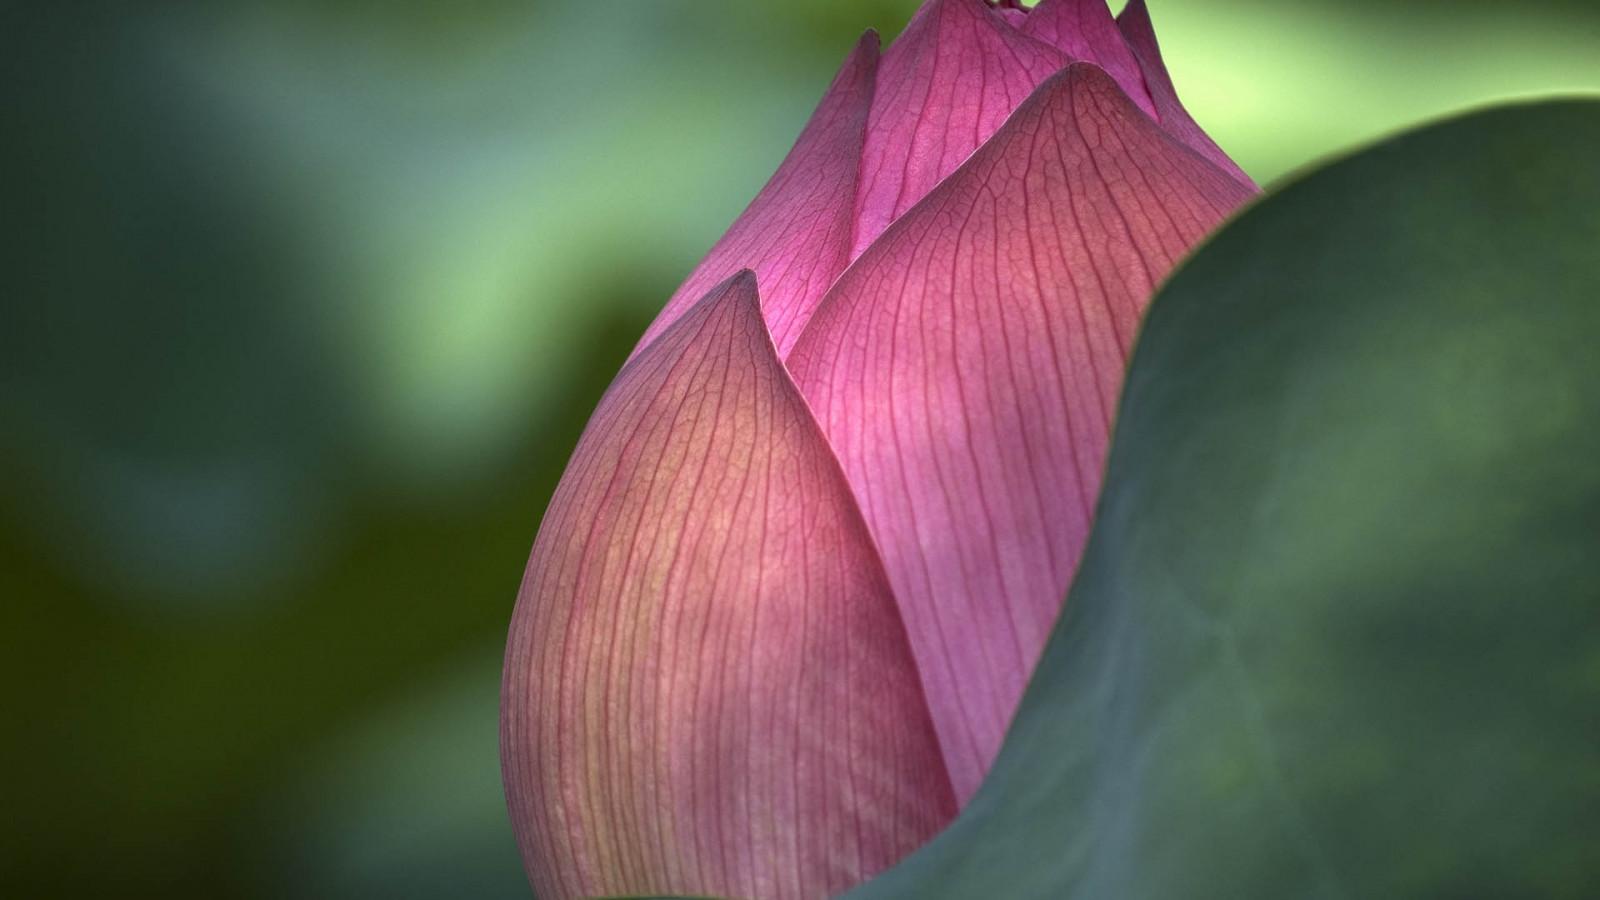 leaves, photography, green, petals, blossom, pink, Lotus, leaf, flower, plant, flora, bud, petal, botany, land plant, flowering plant, close up, macro photography, plant stem, aquatic plant, sacred lotus, lotus family